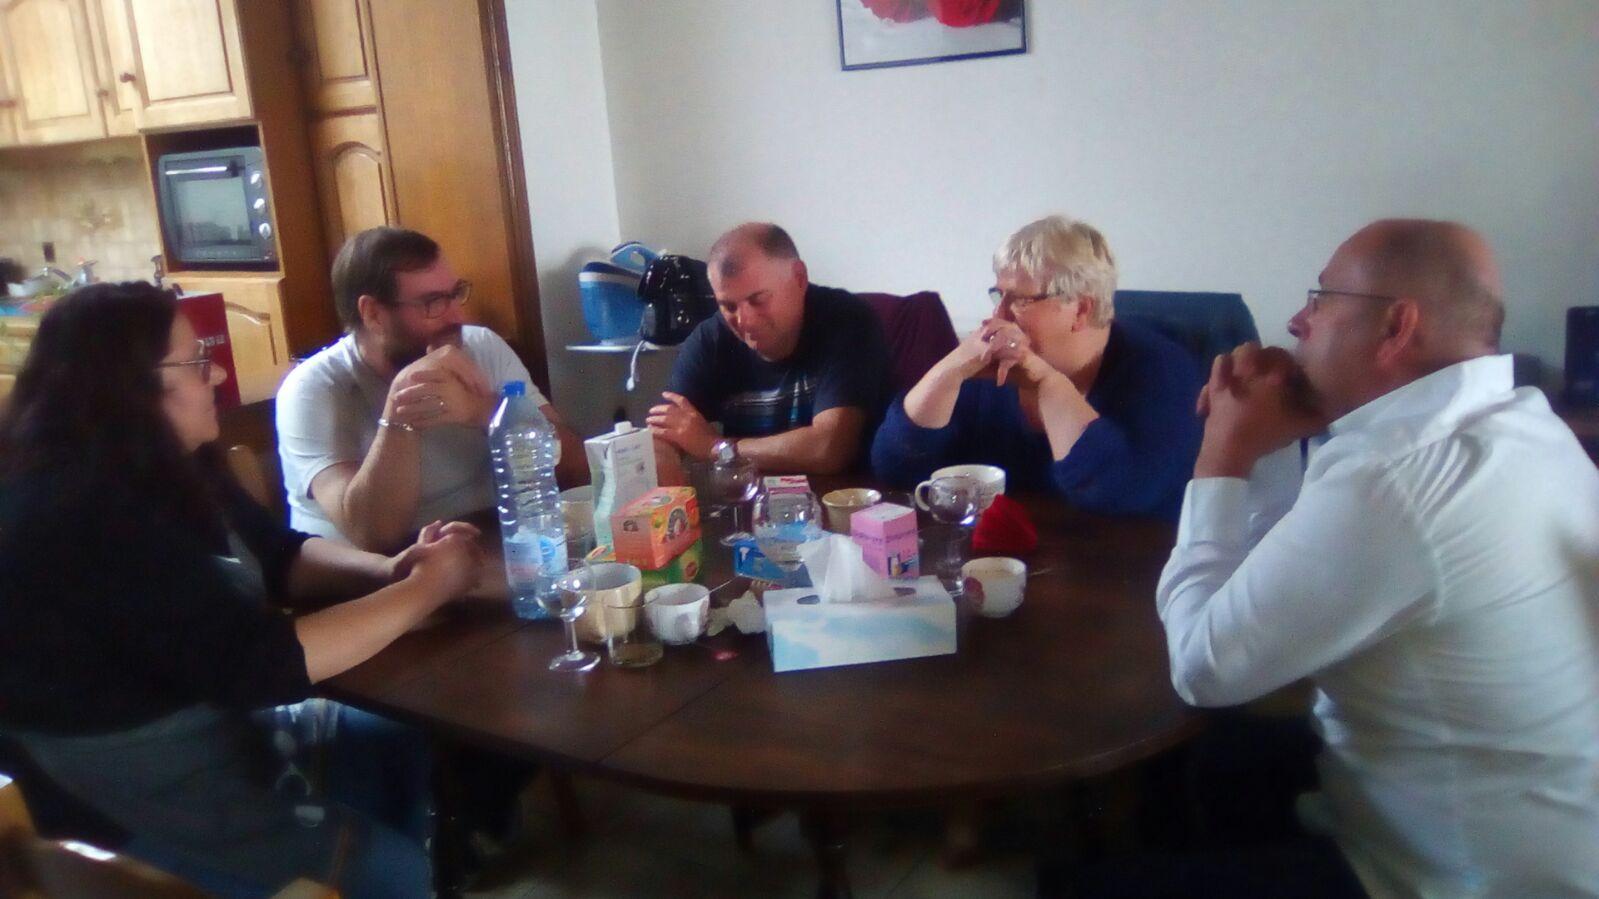 Temps fraternel avec Jean-Michel, Babette, Prophète Denis Godin, Rébecca tire la photo